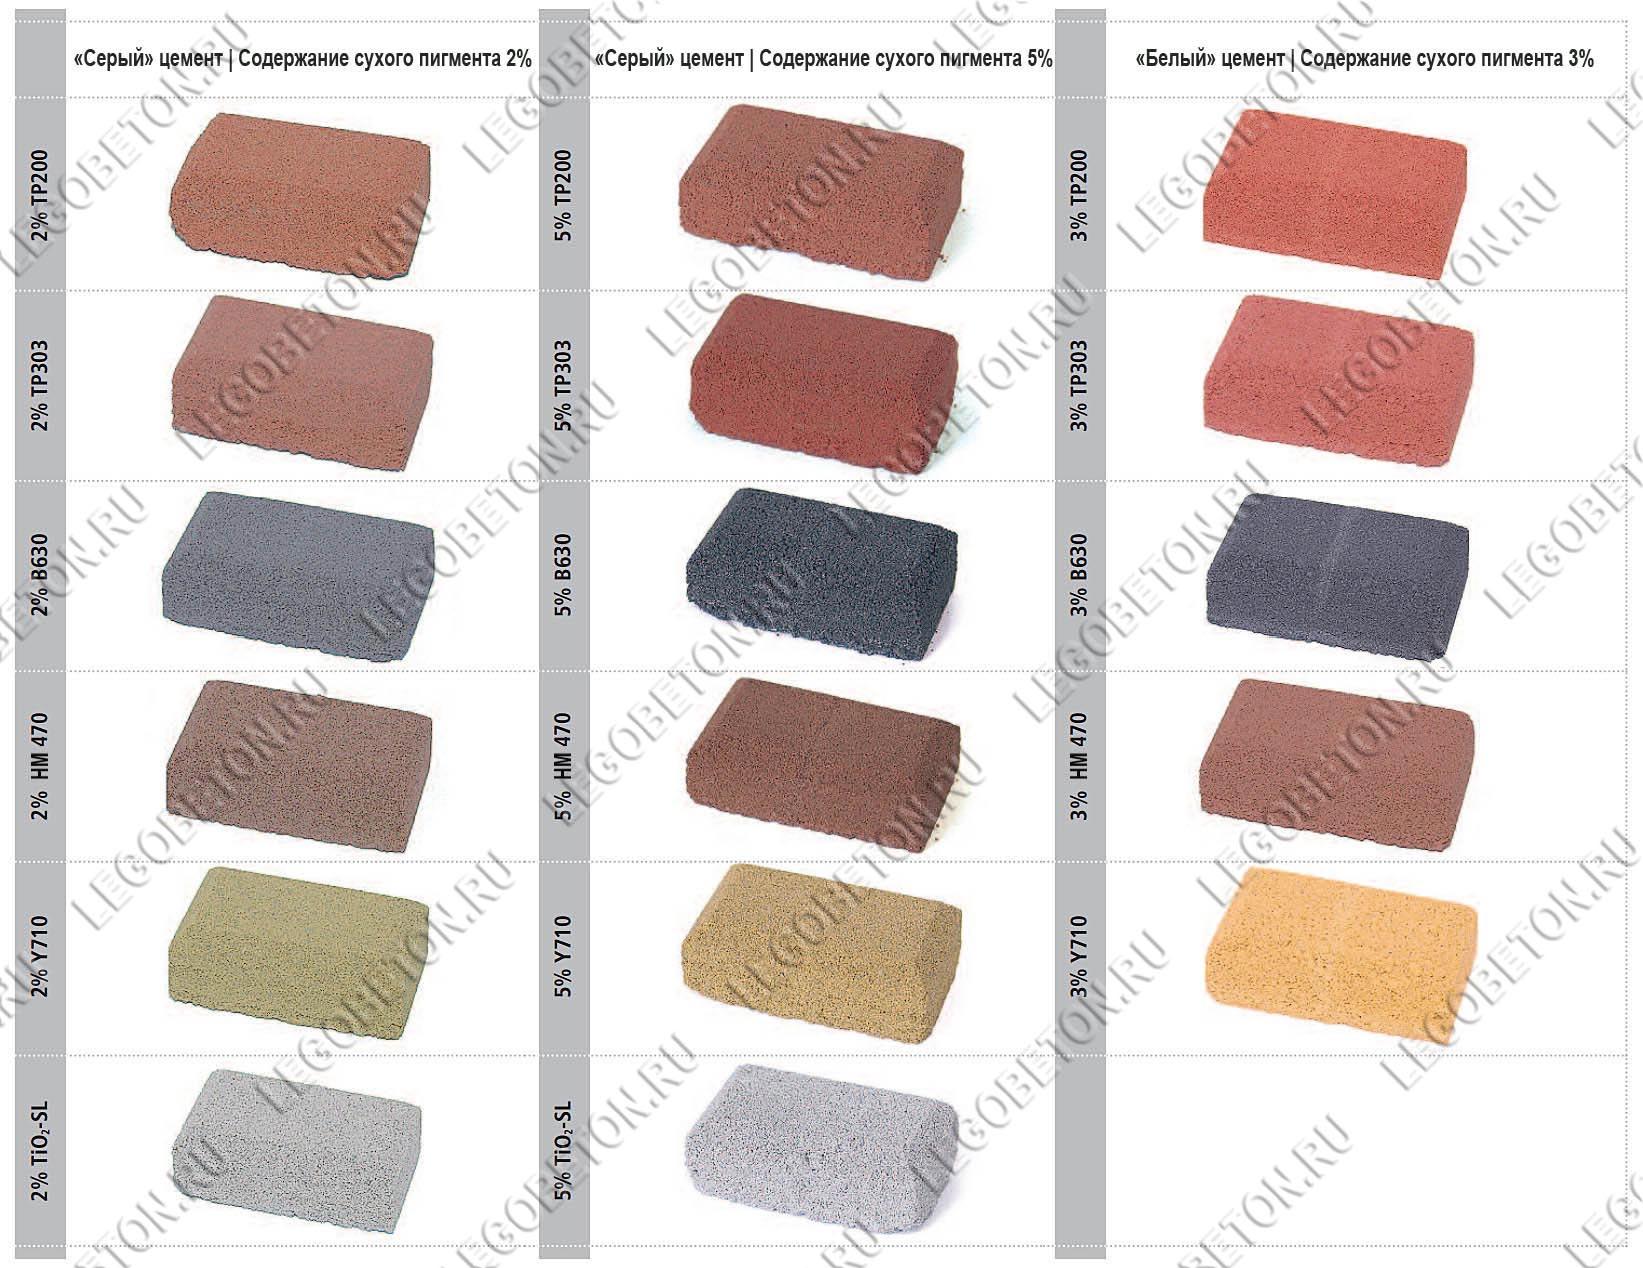 Пигменты для бетона купить в москве металлопрокат квадрат прайс